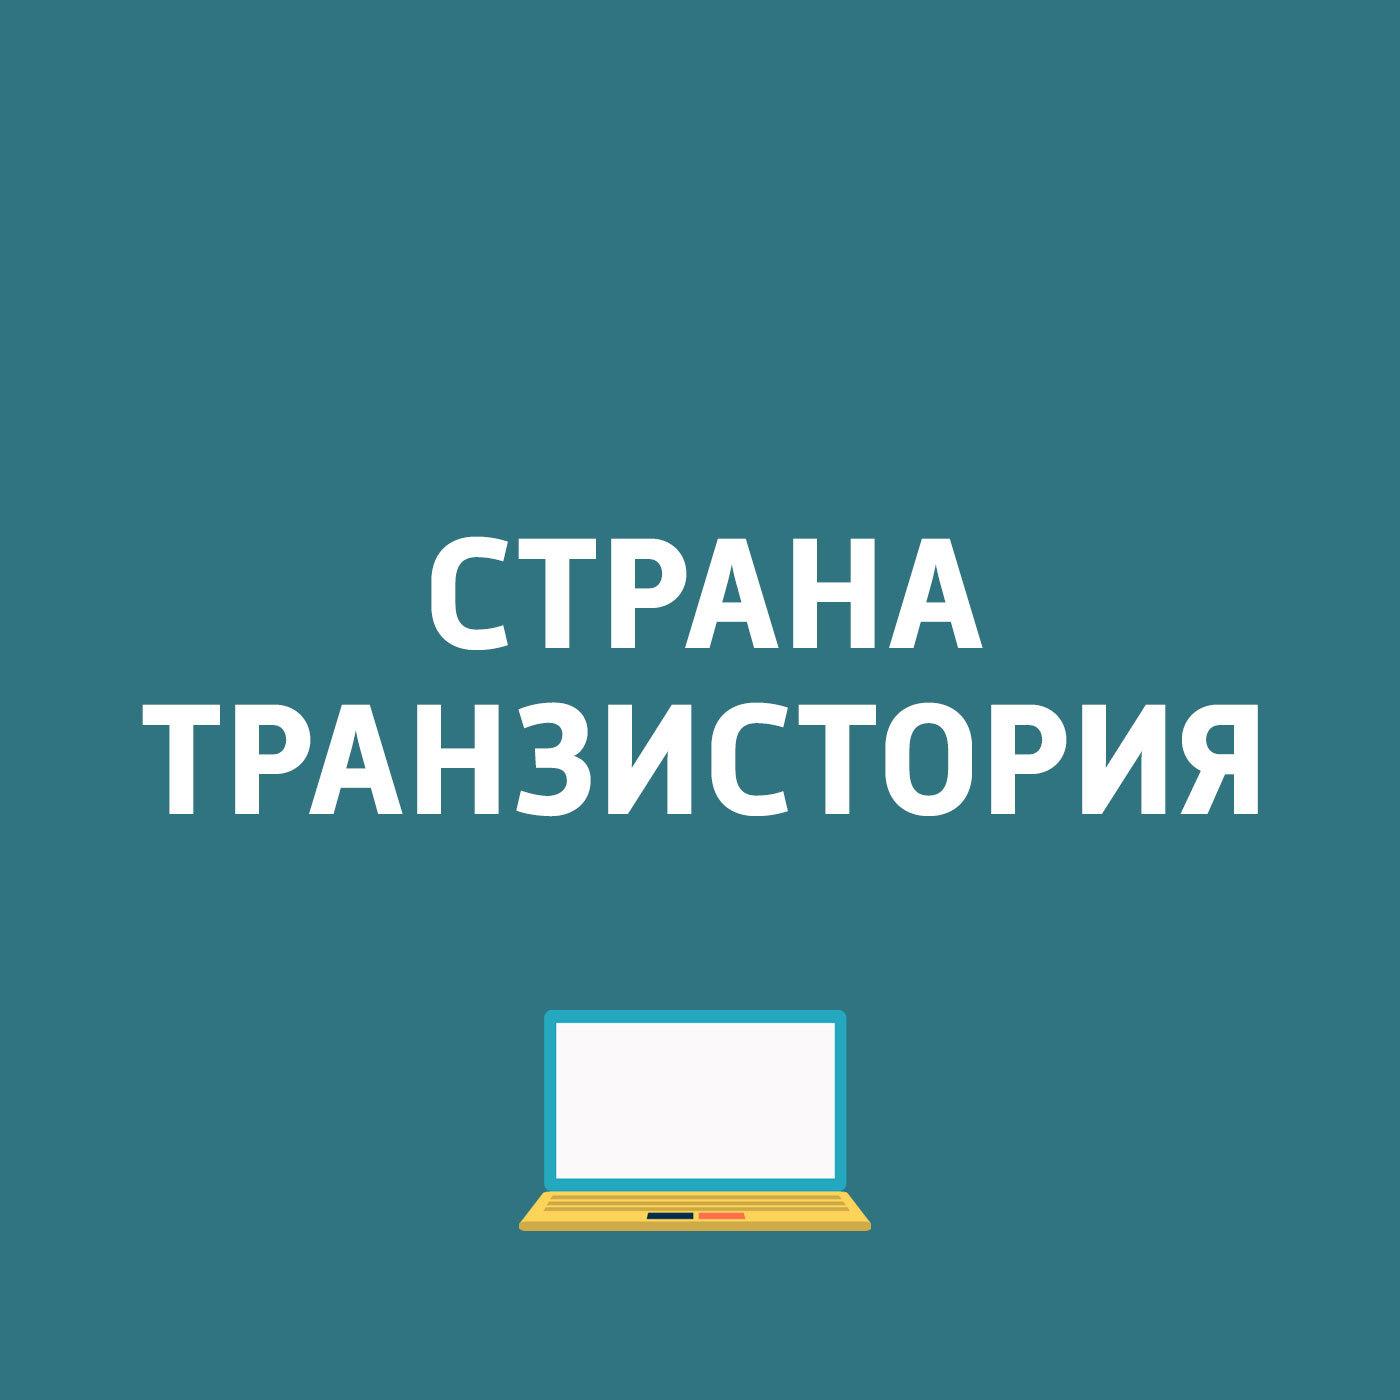 Картаев Павел Начало продаж наушников Xperia Ear Duo; HTC U12+; Выходит Battlefield V